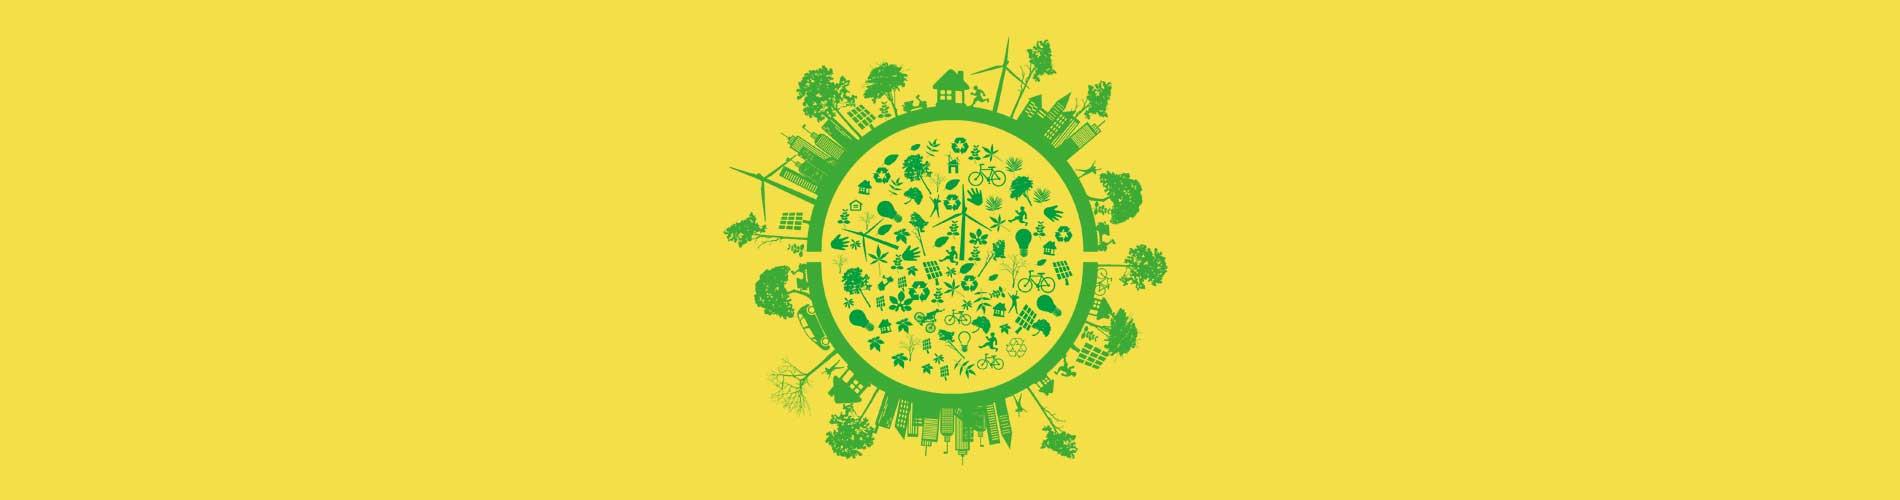 Permakultur - #ChangemyClimate